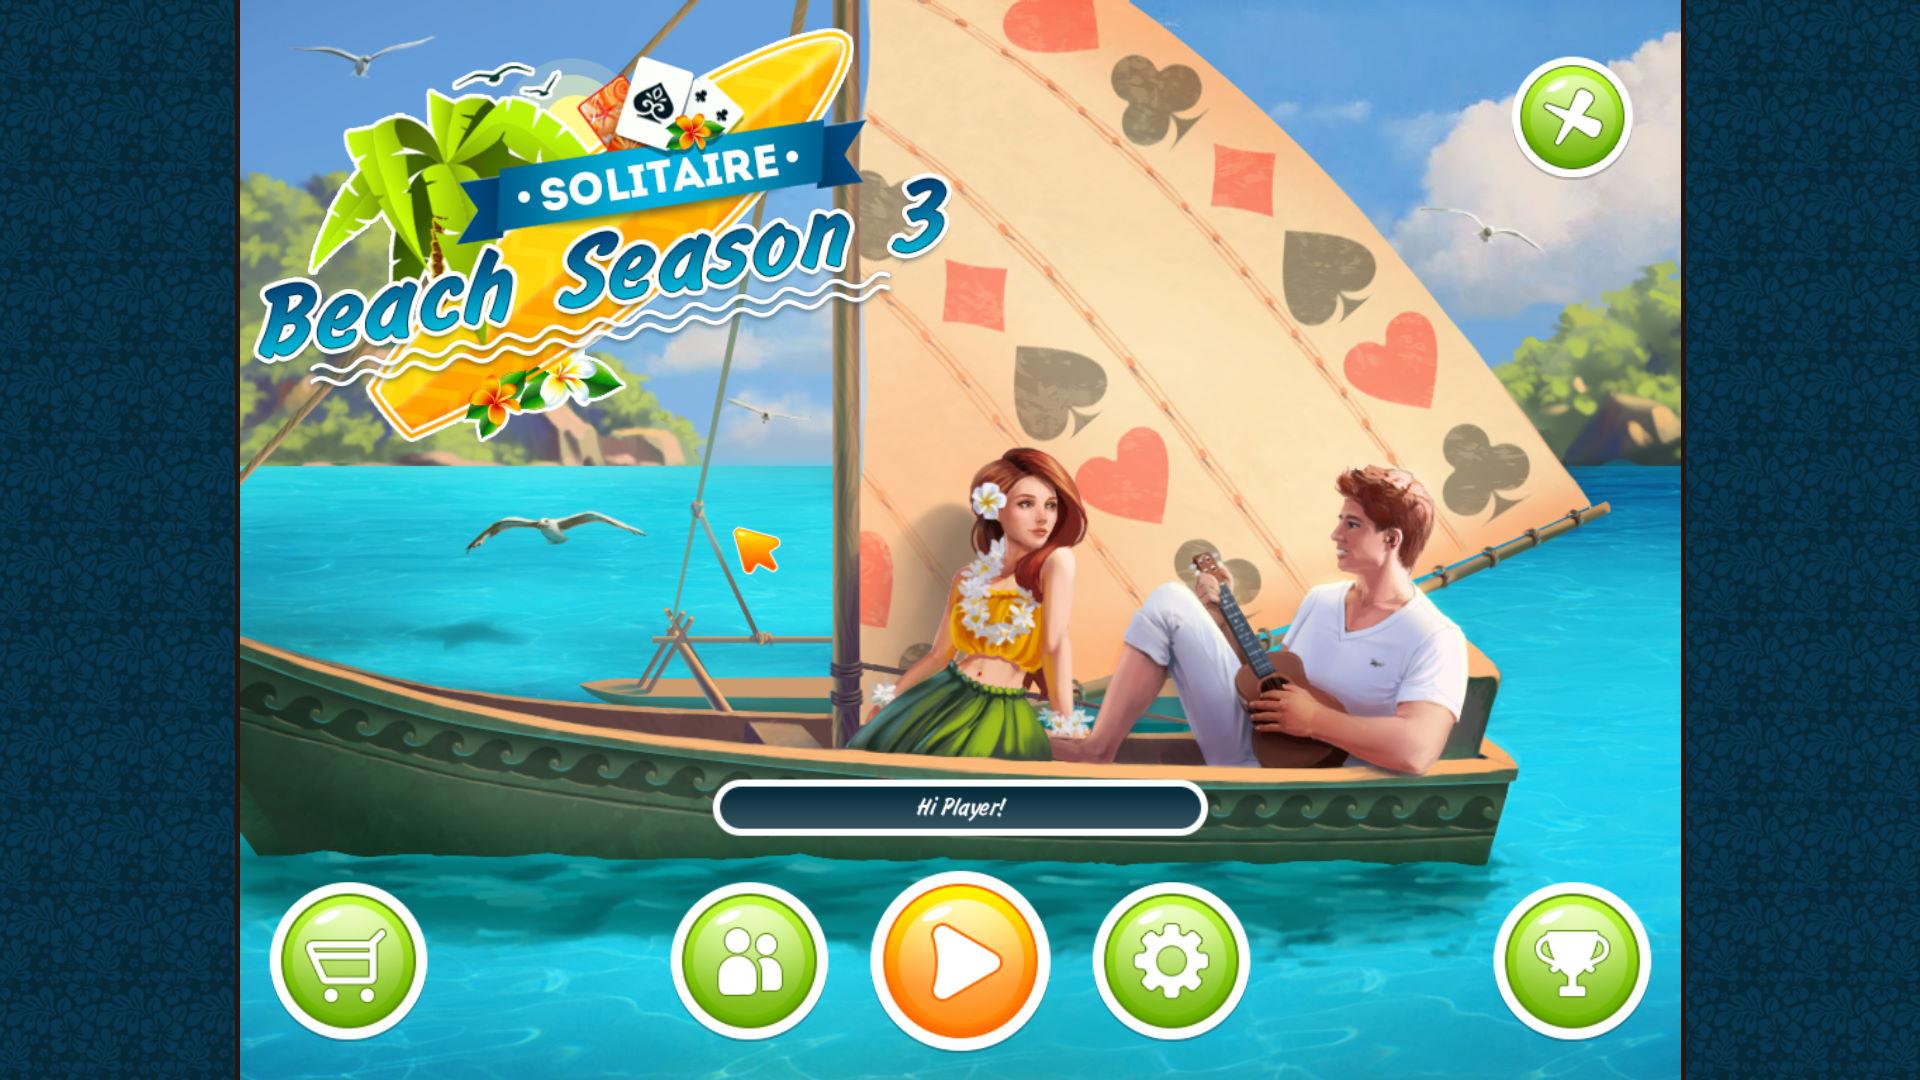 接龙海滩季节3 游戏截图